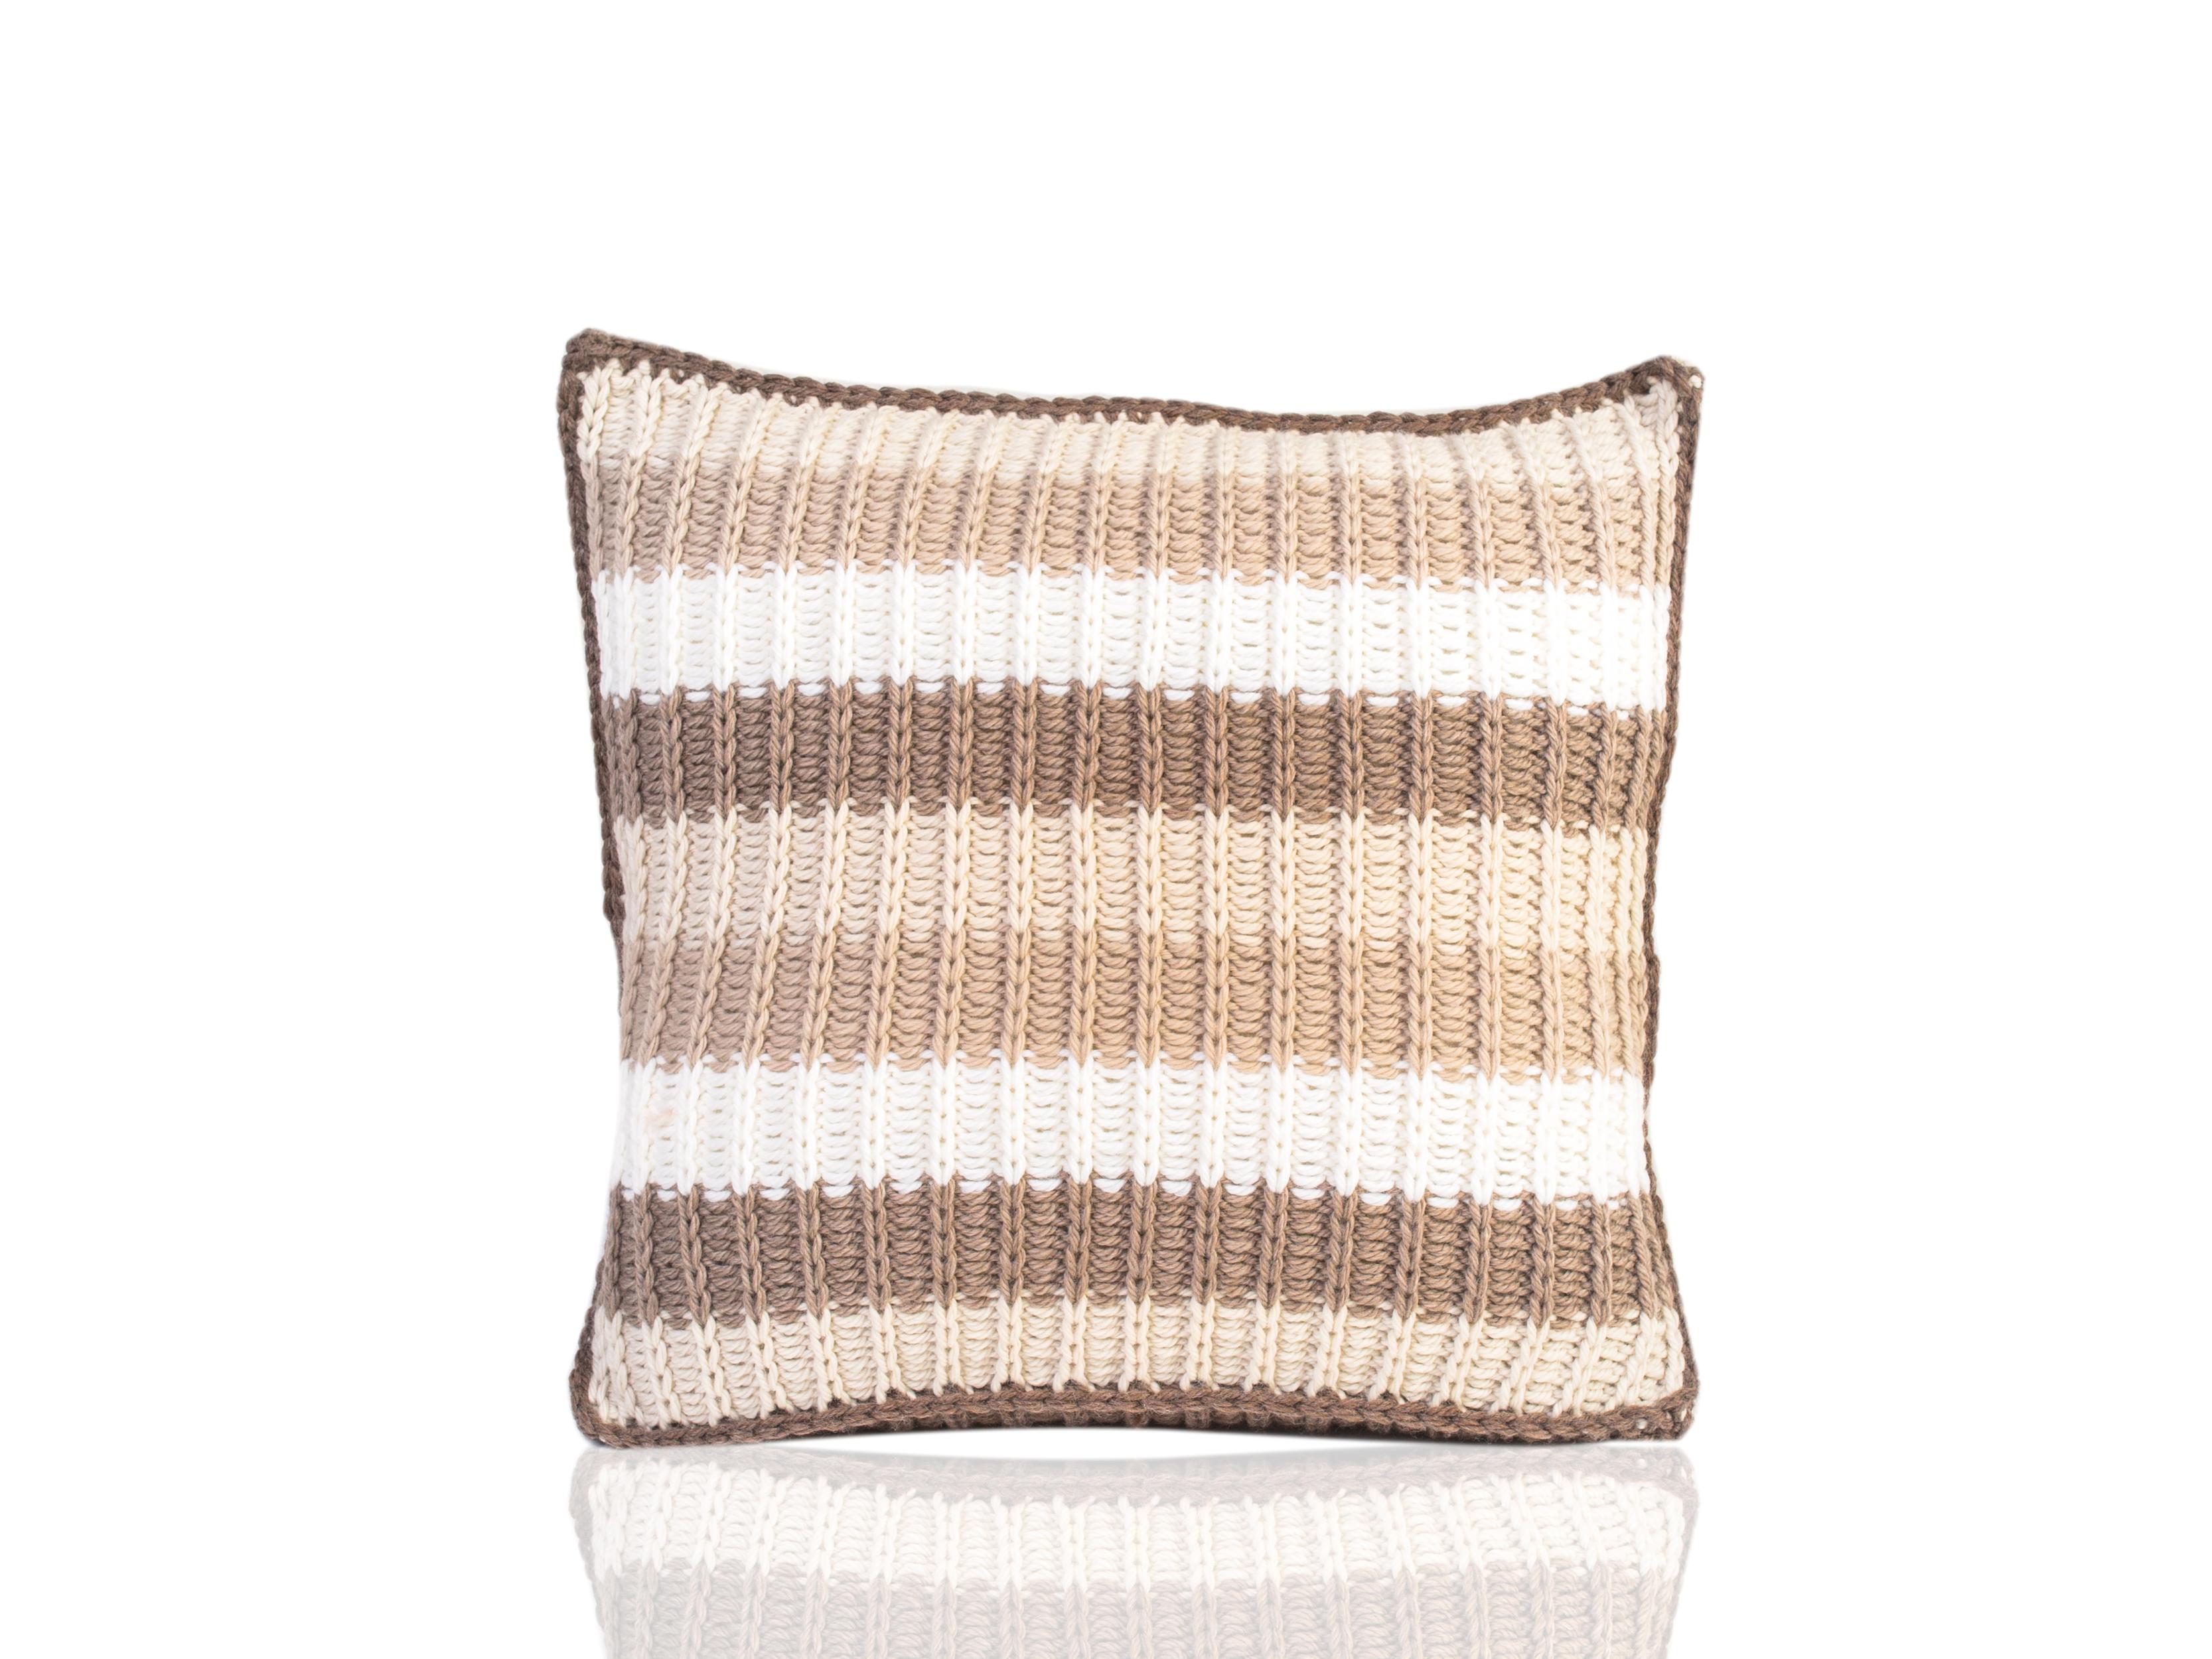 Подушка IrtyshКвадратные подушки и наволочки<br>Иртыш - вязаная диванная подушка ручной работы - сделана из высококачественных материалов в Барселоне, Испания. Яркая, мягкая и красивая, эта вещь в традиционном стиле добавит комфорта и уюта любому домашнему декору.&amp;amp;nbsp;&amp;lt;div&amp;gt;&amp;lt;br&amp;gt;&amp;lt;/div&amp;gt;&amp;lt;div&amp;gt;Состав наволочки: 55% шерсть мериноса / 45% акрил&amp;amp;nbsp;&amp;lt;/div&amp;gt;&amp;lt;div&amp;gt;Наполнитель (вынимающаяся подушка): 100% полиэстер&amp;amp;nbsp;&amp;lt;/div&amp;gt;<br><br>Material: Шерсть<br>Ширина см: 40.0<br>Высота см: 40.0<br>Глубина см: 10.0